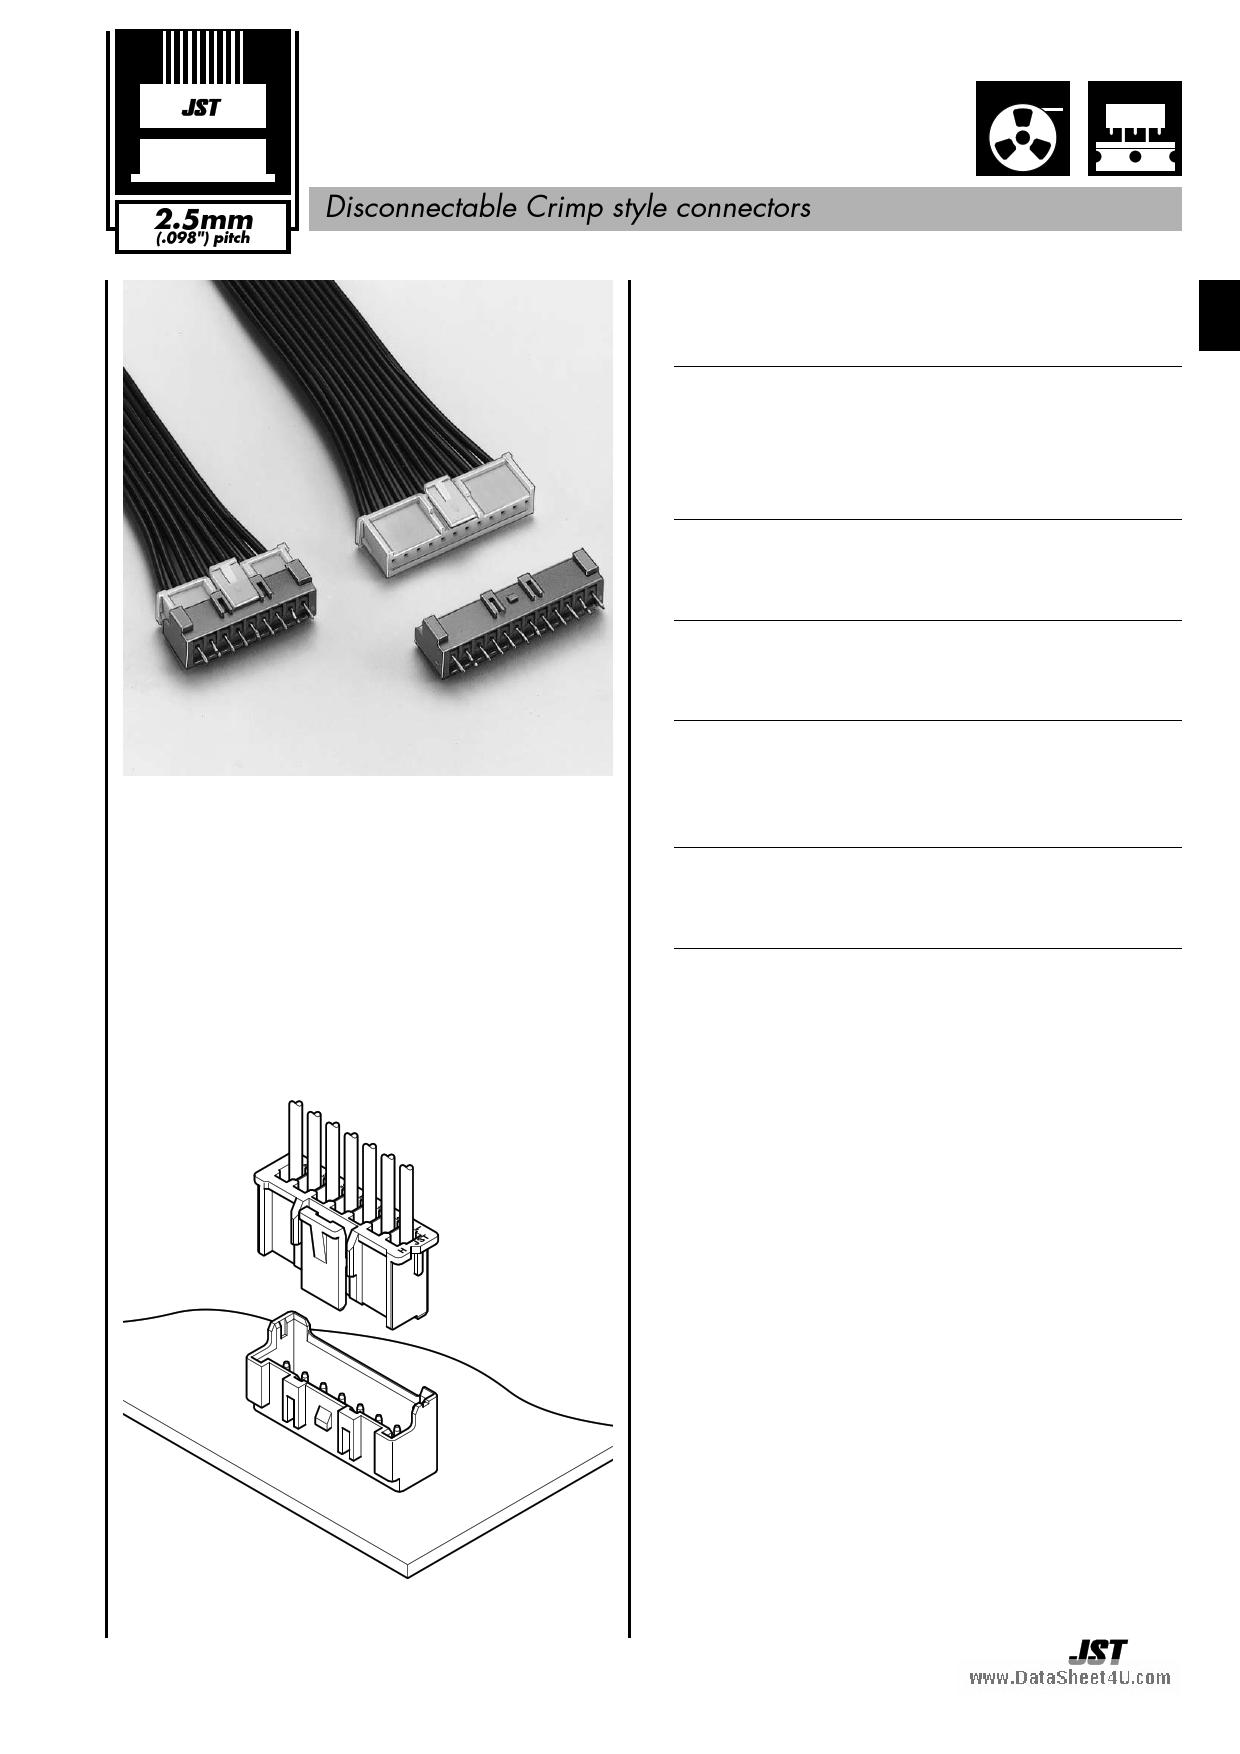 B03B-XASK-1N Hoja de datos, Descripción, Manual